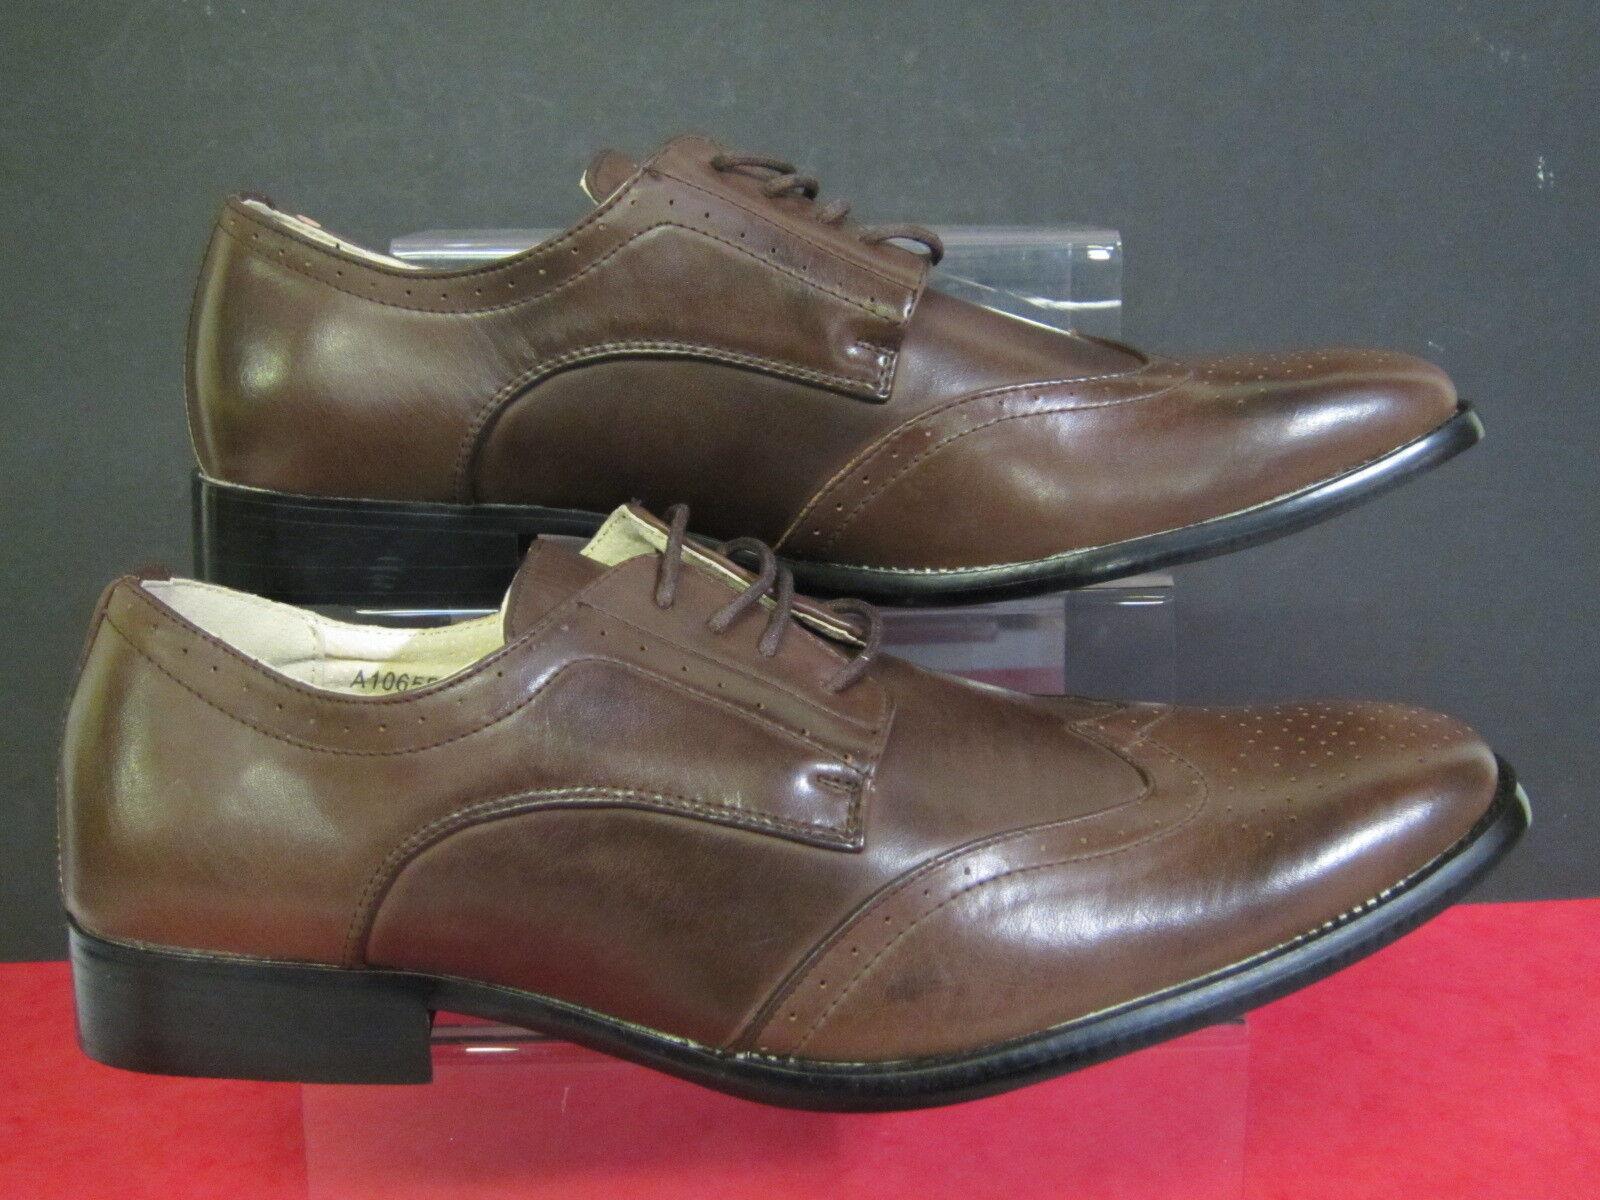 MAVERICK hombre marrón zapatos Estilo elegantes Con Cordones Estilo zapatos a1065 e6dcc5